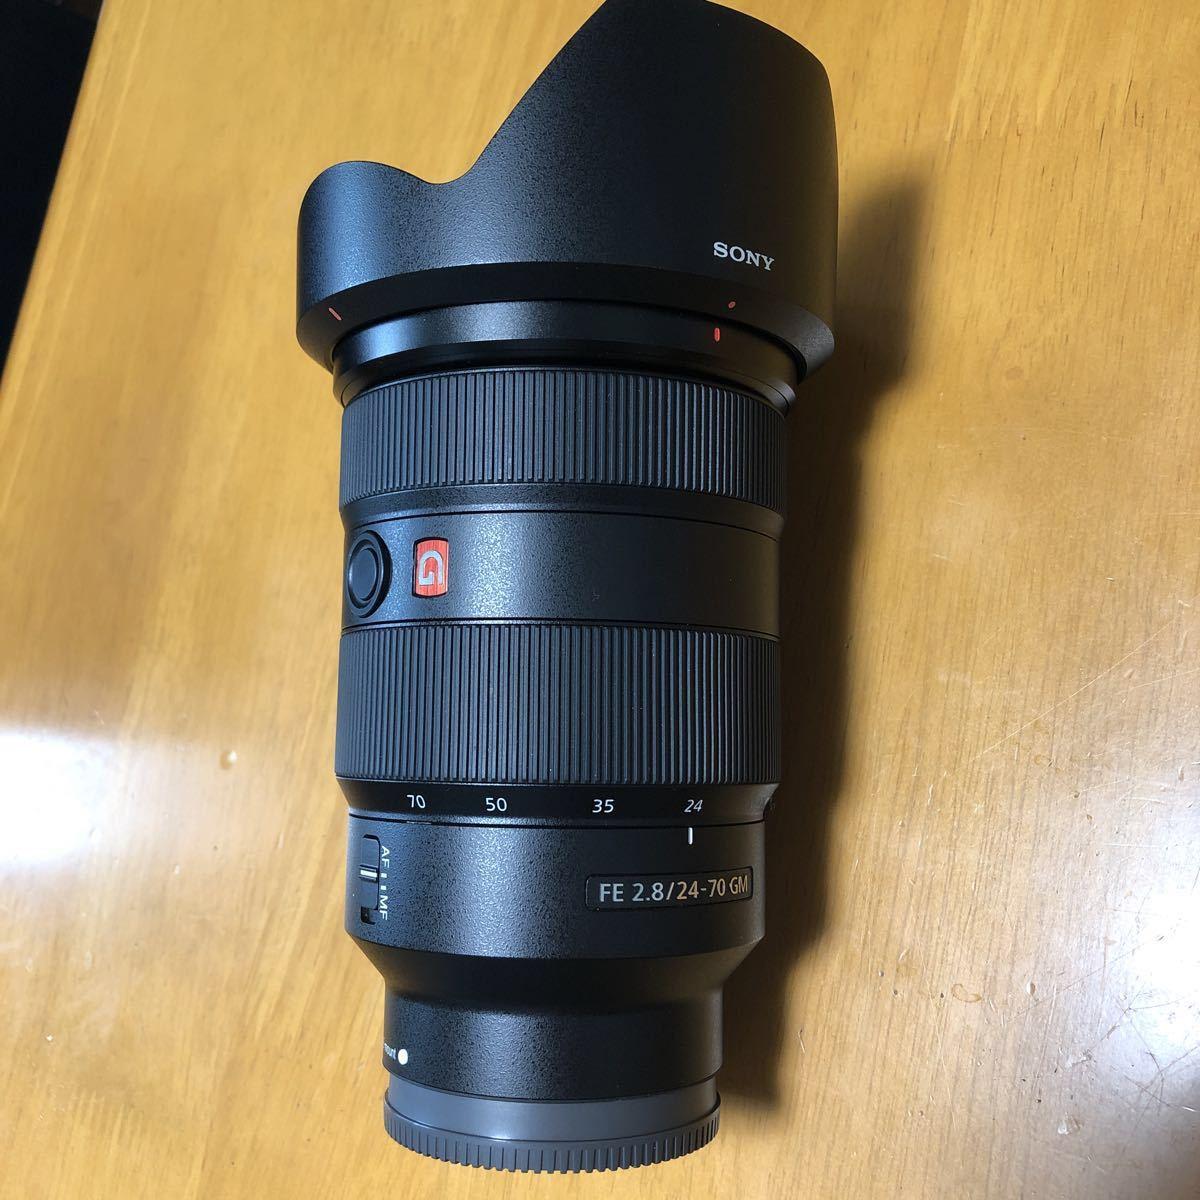 ☆美品☆ SONY SEL2470GM FE 24-70mm F2.8 GM Eマウント レンズフィルターのオマケ付き_画像8